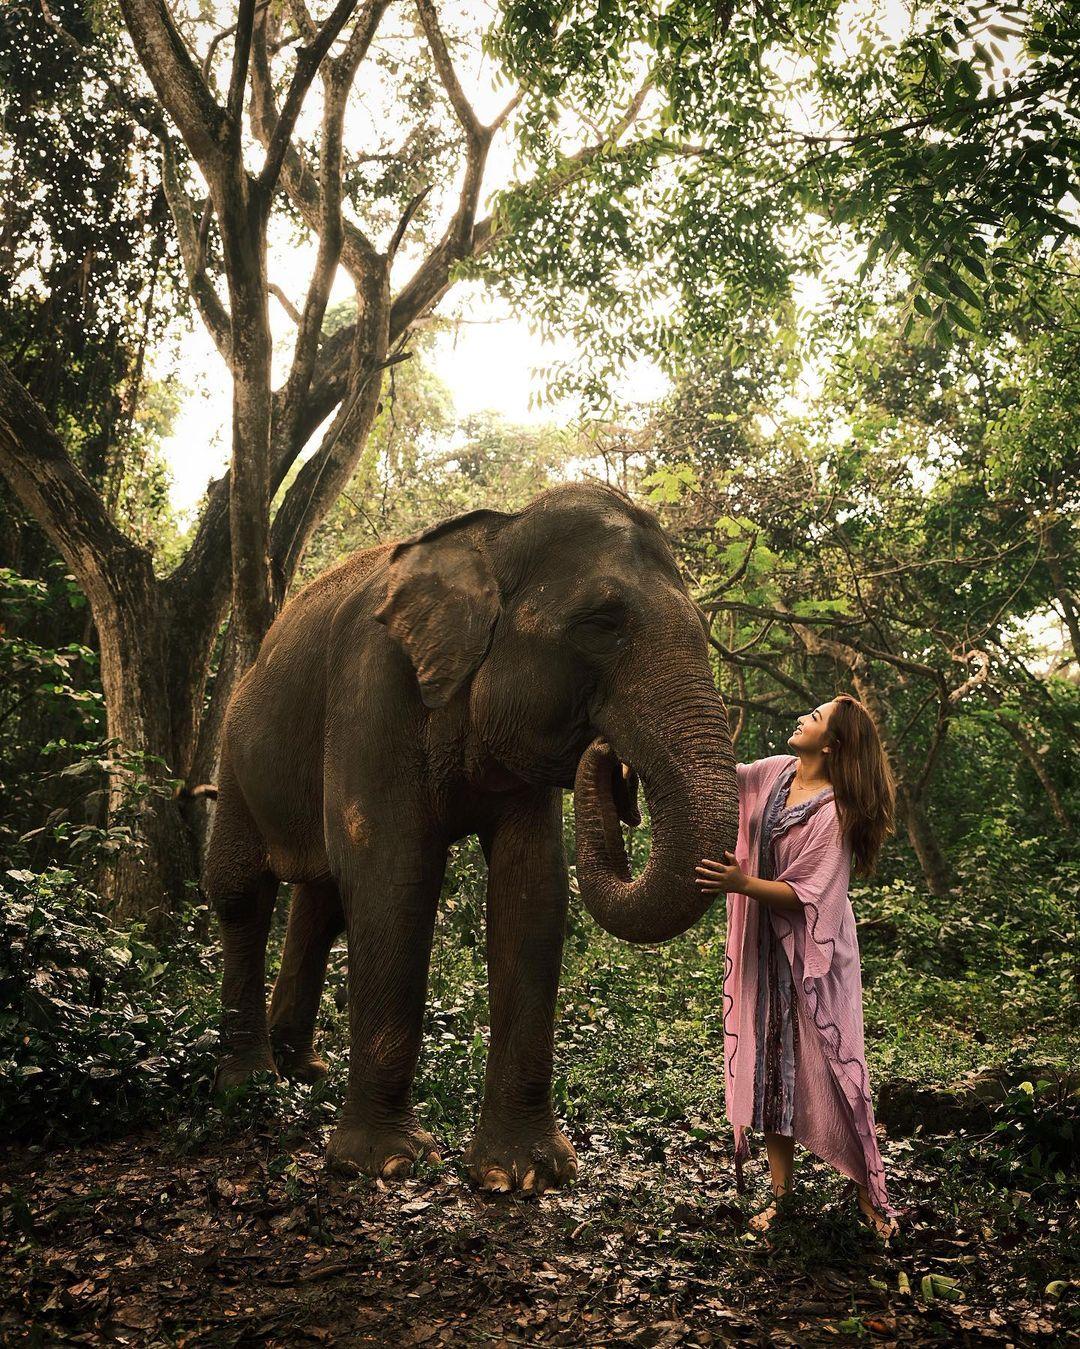 Berfoto Dengan Gajah Di Bali Safari Image From @ashanty_ash